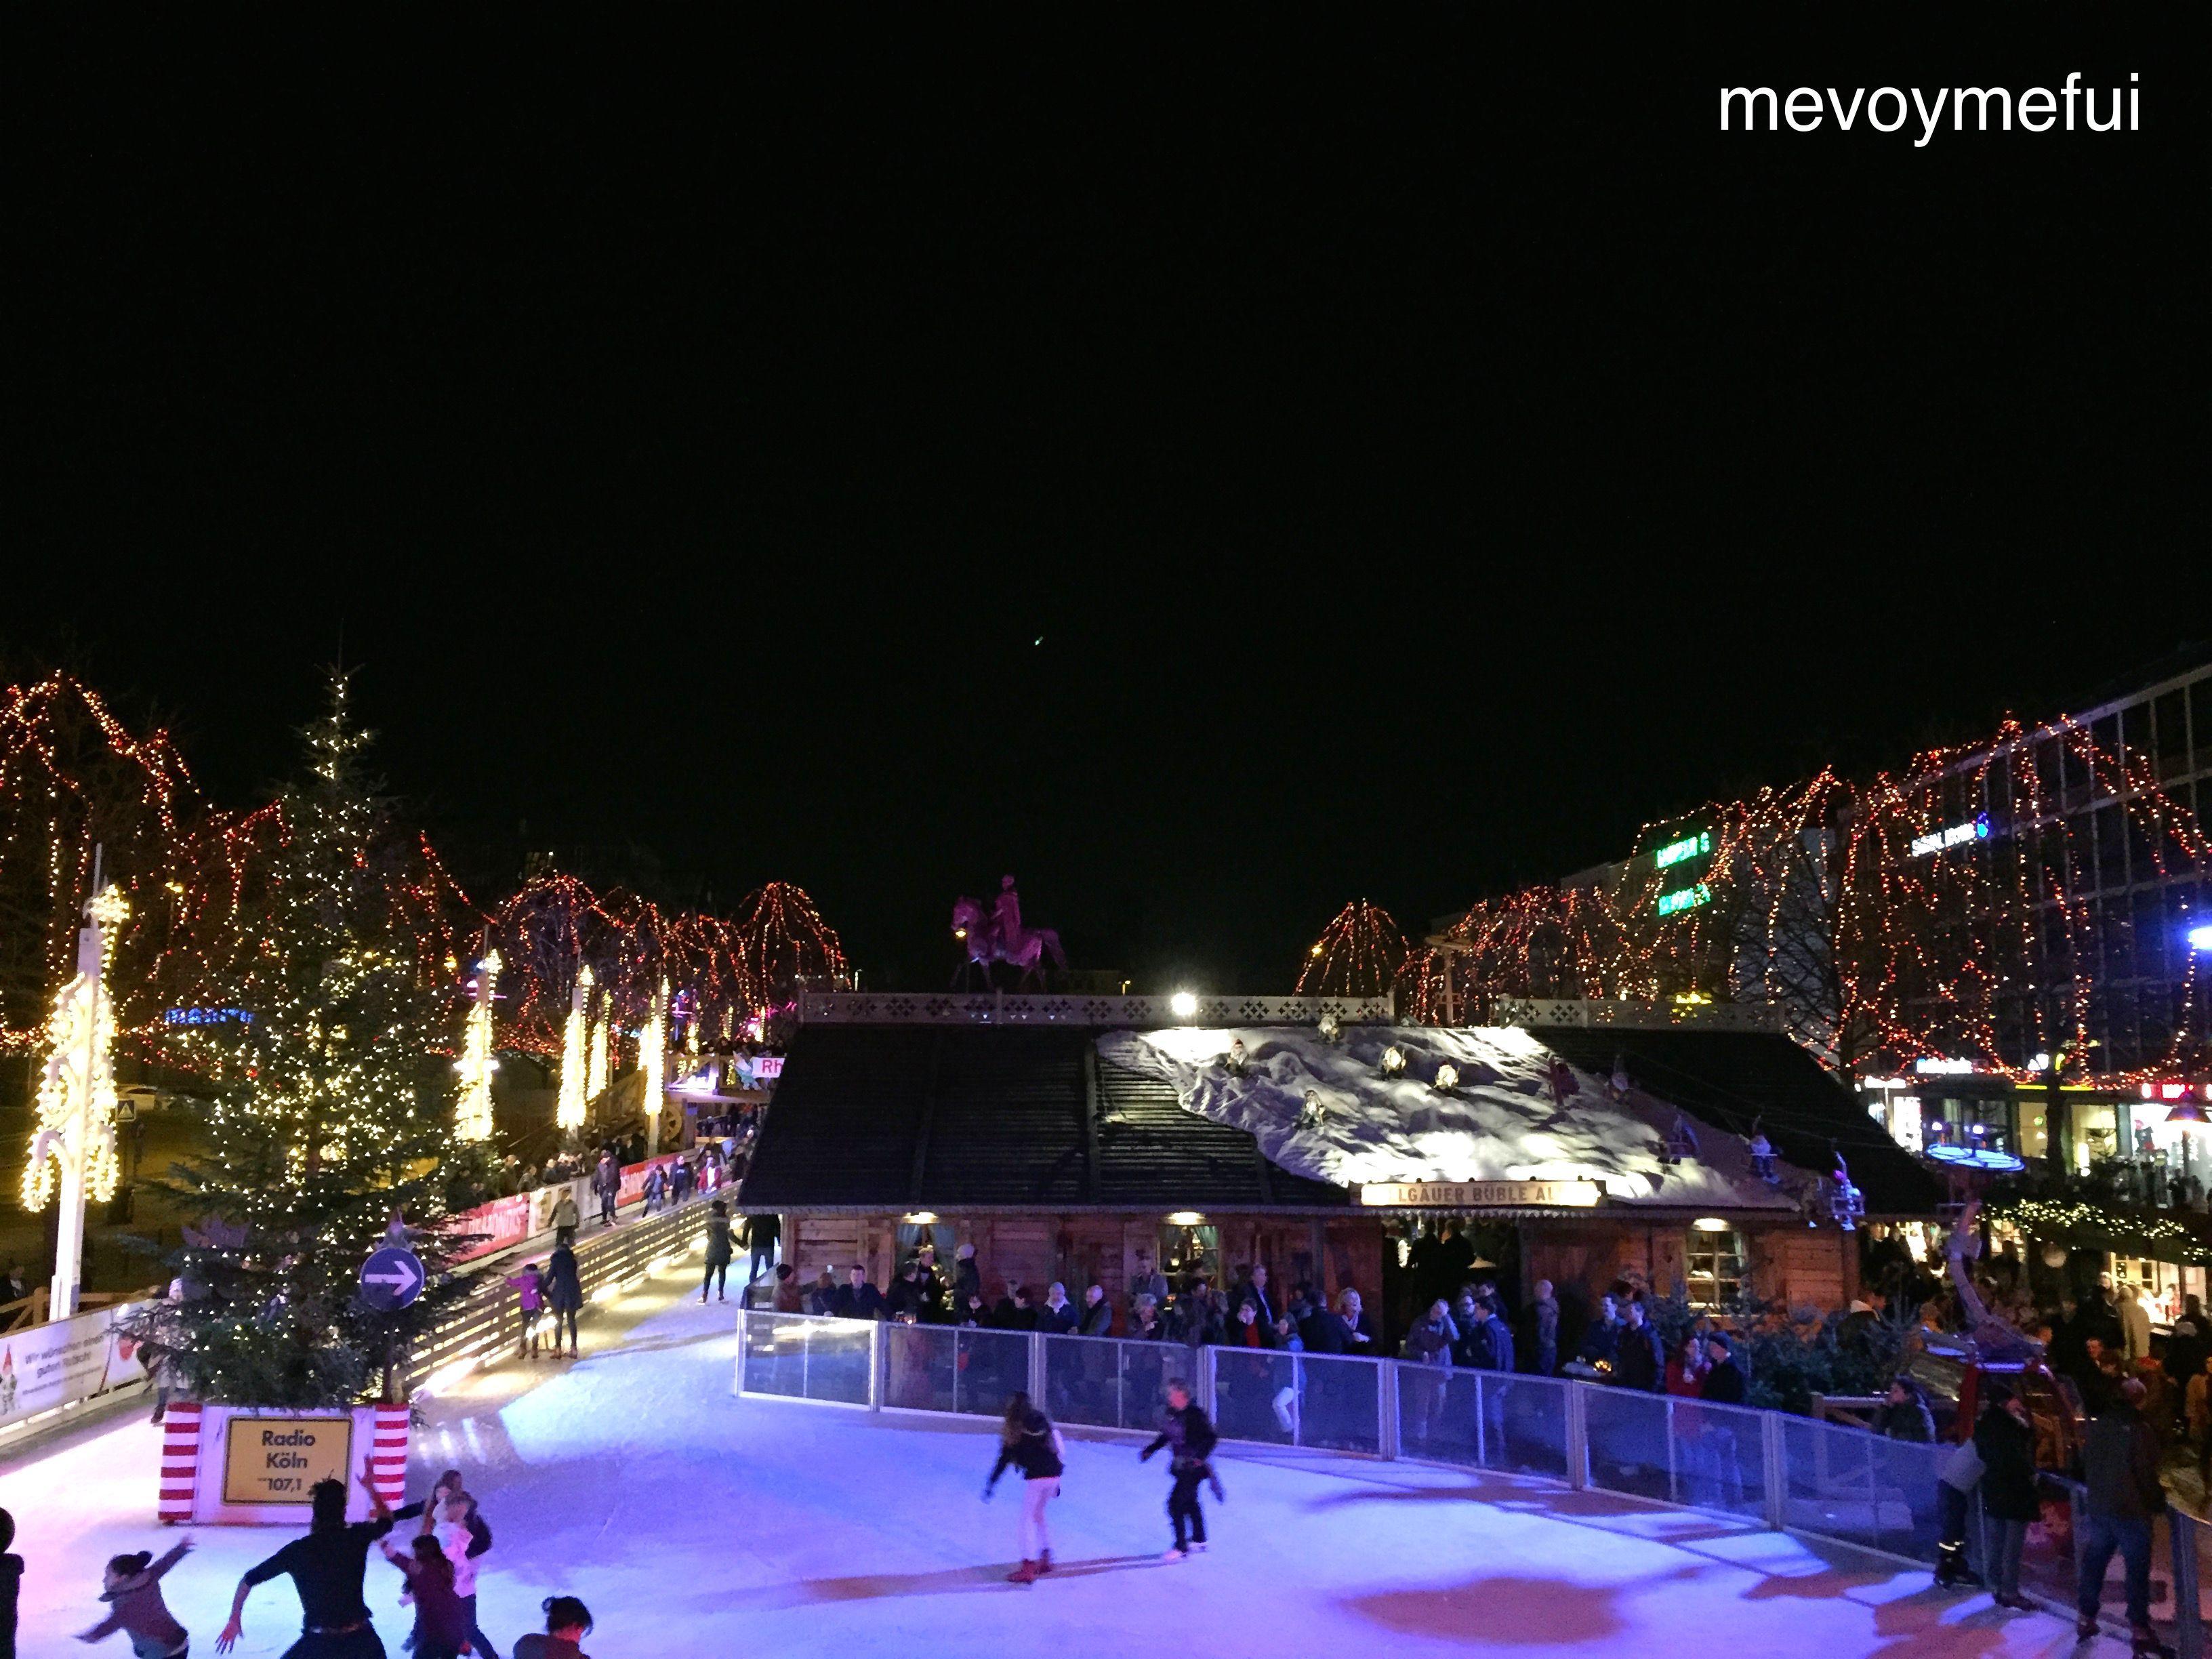 Köln Christmas market #christmasmarket #christmas #cologne #köln #mevoymefui #travel www.mevoymefui.wordpress.com